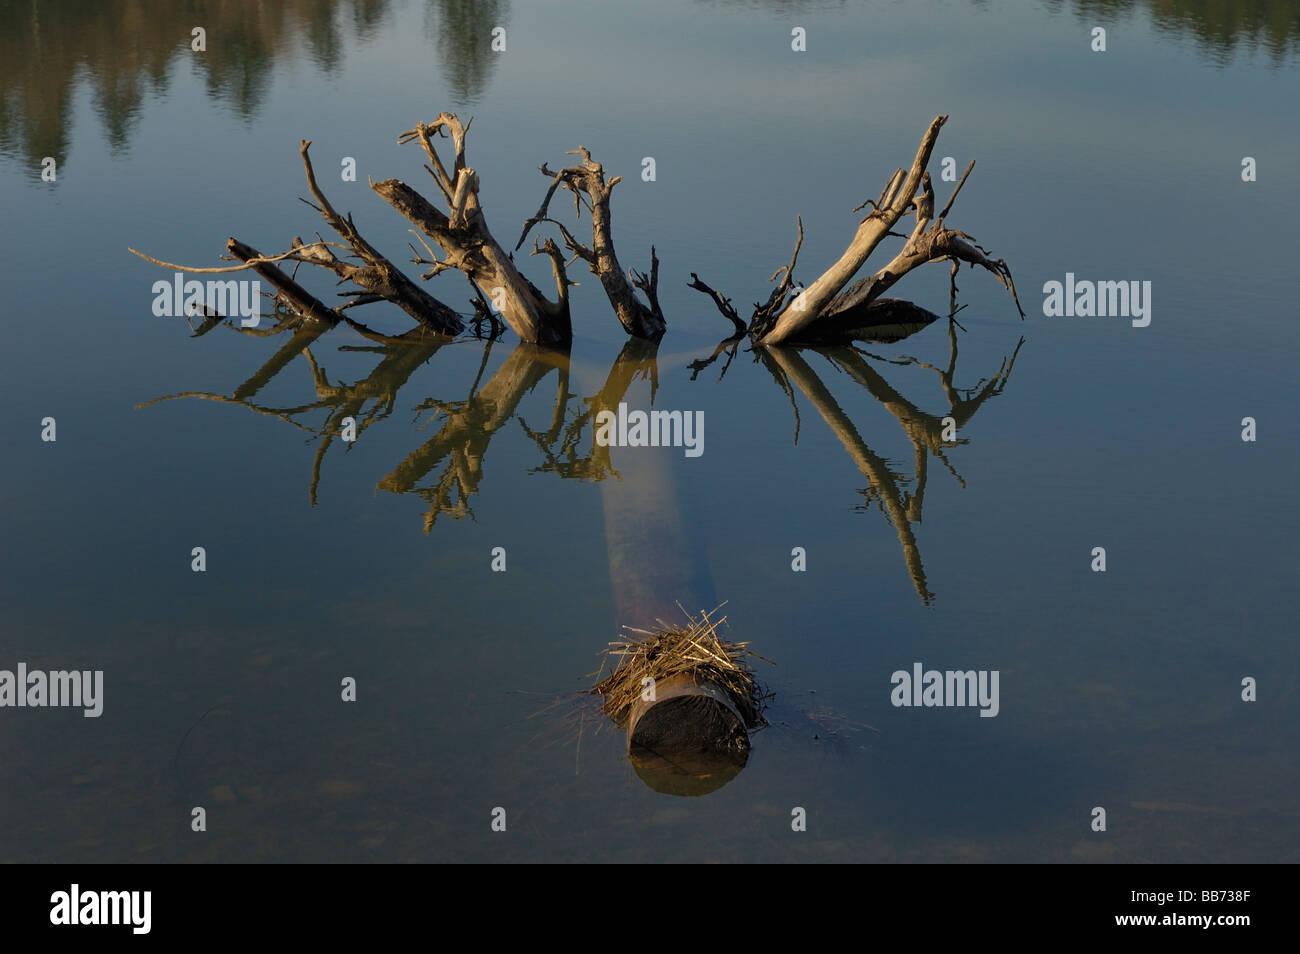 Arbre mort flottant dans un lac Photo Stock